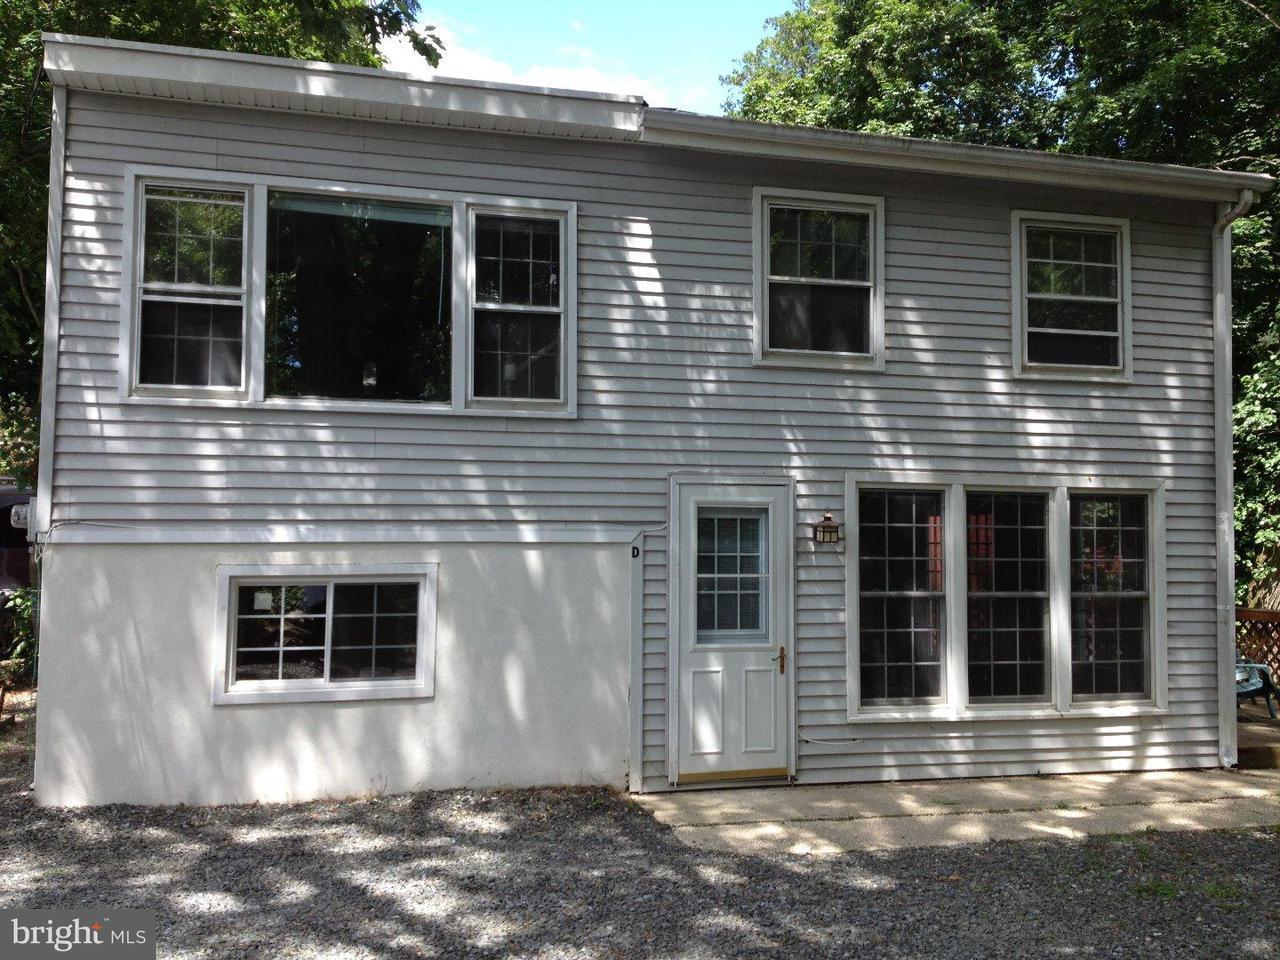 独户住宅 为 出租 在 568 D MAIN ST #D Lumberton, 新泽西州 08048 美国